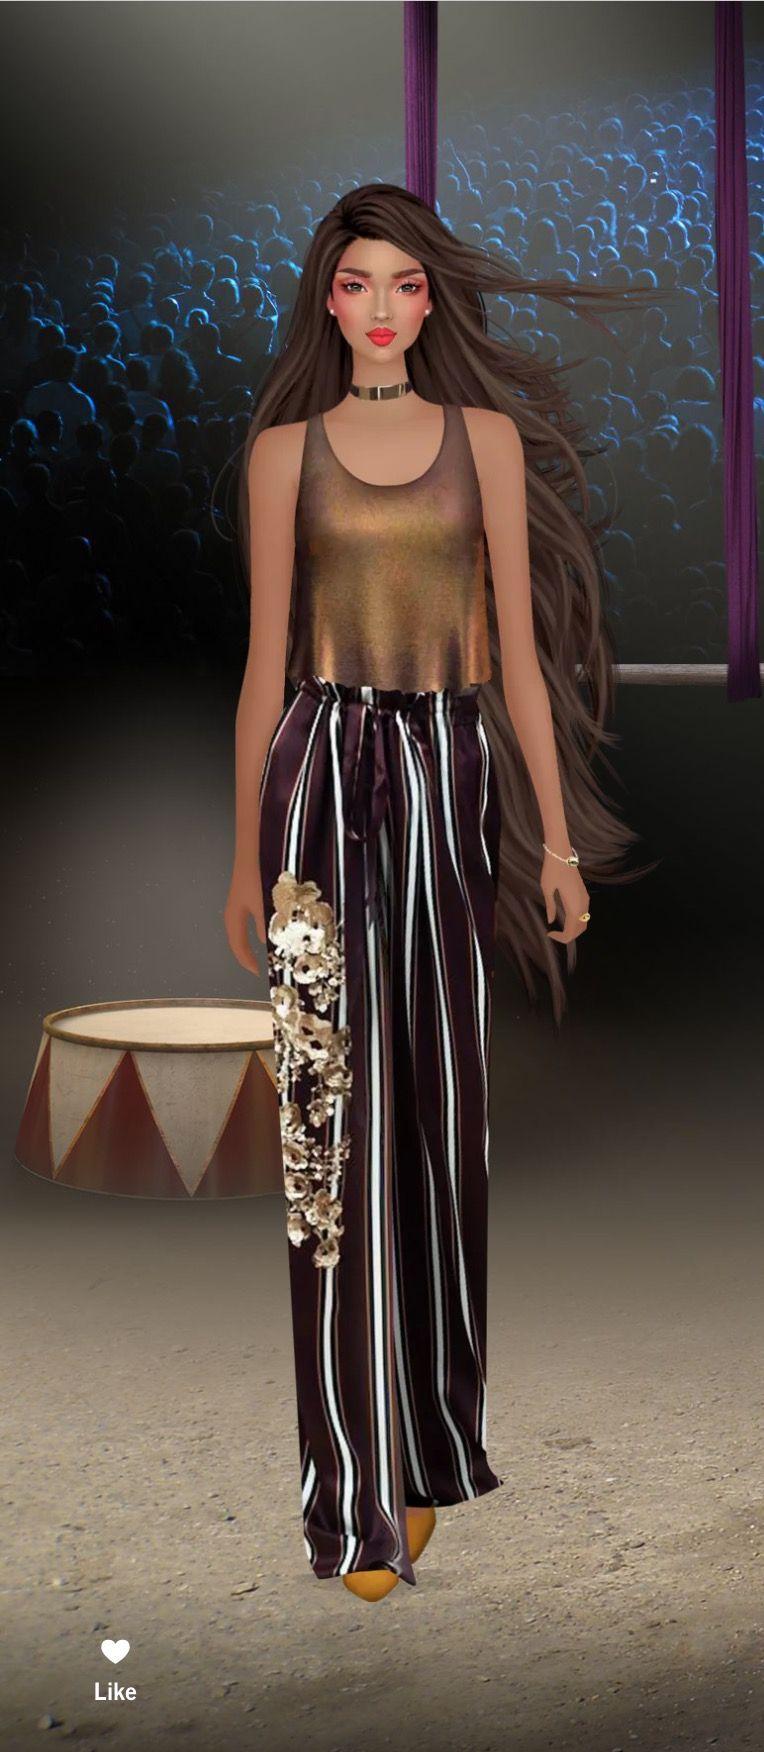 Pin By Carolina On Covet Fashion Moda Fashion Boho Fashion Fashion